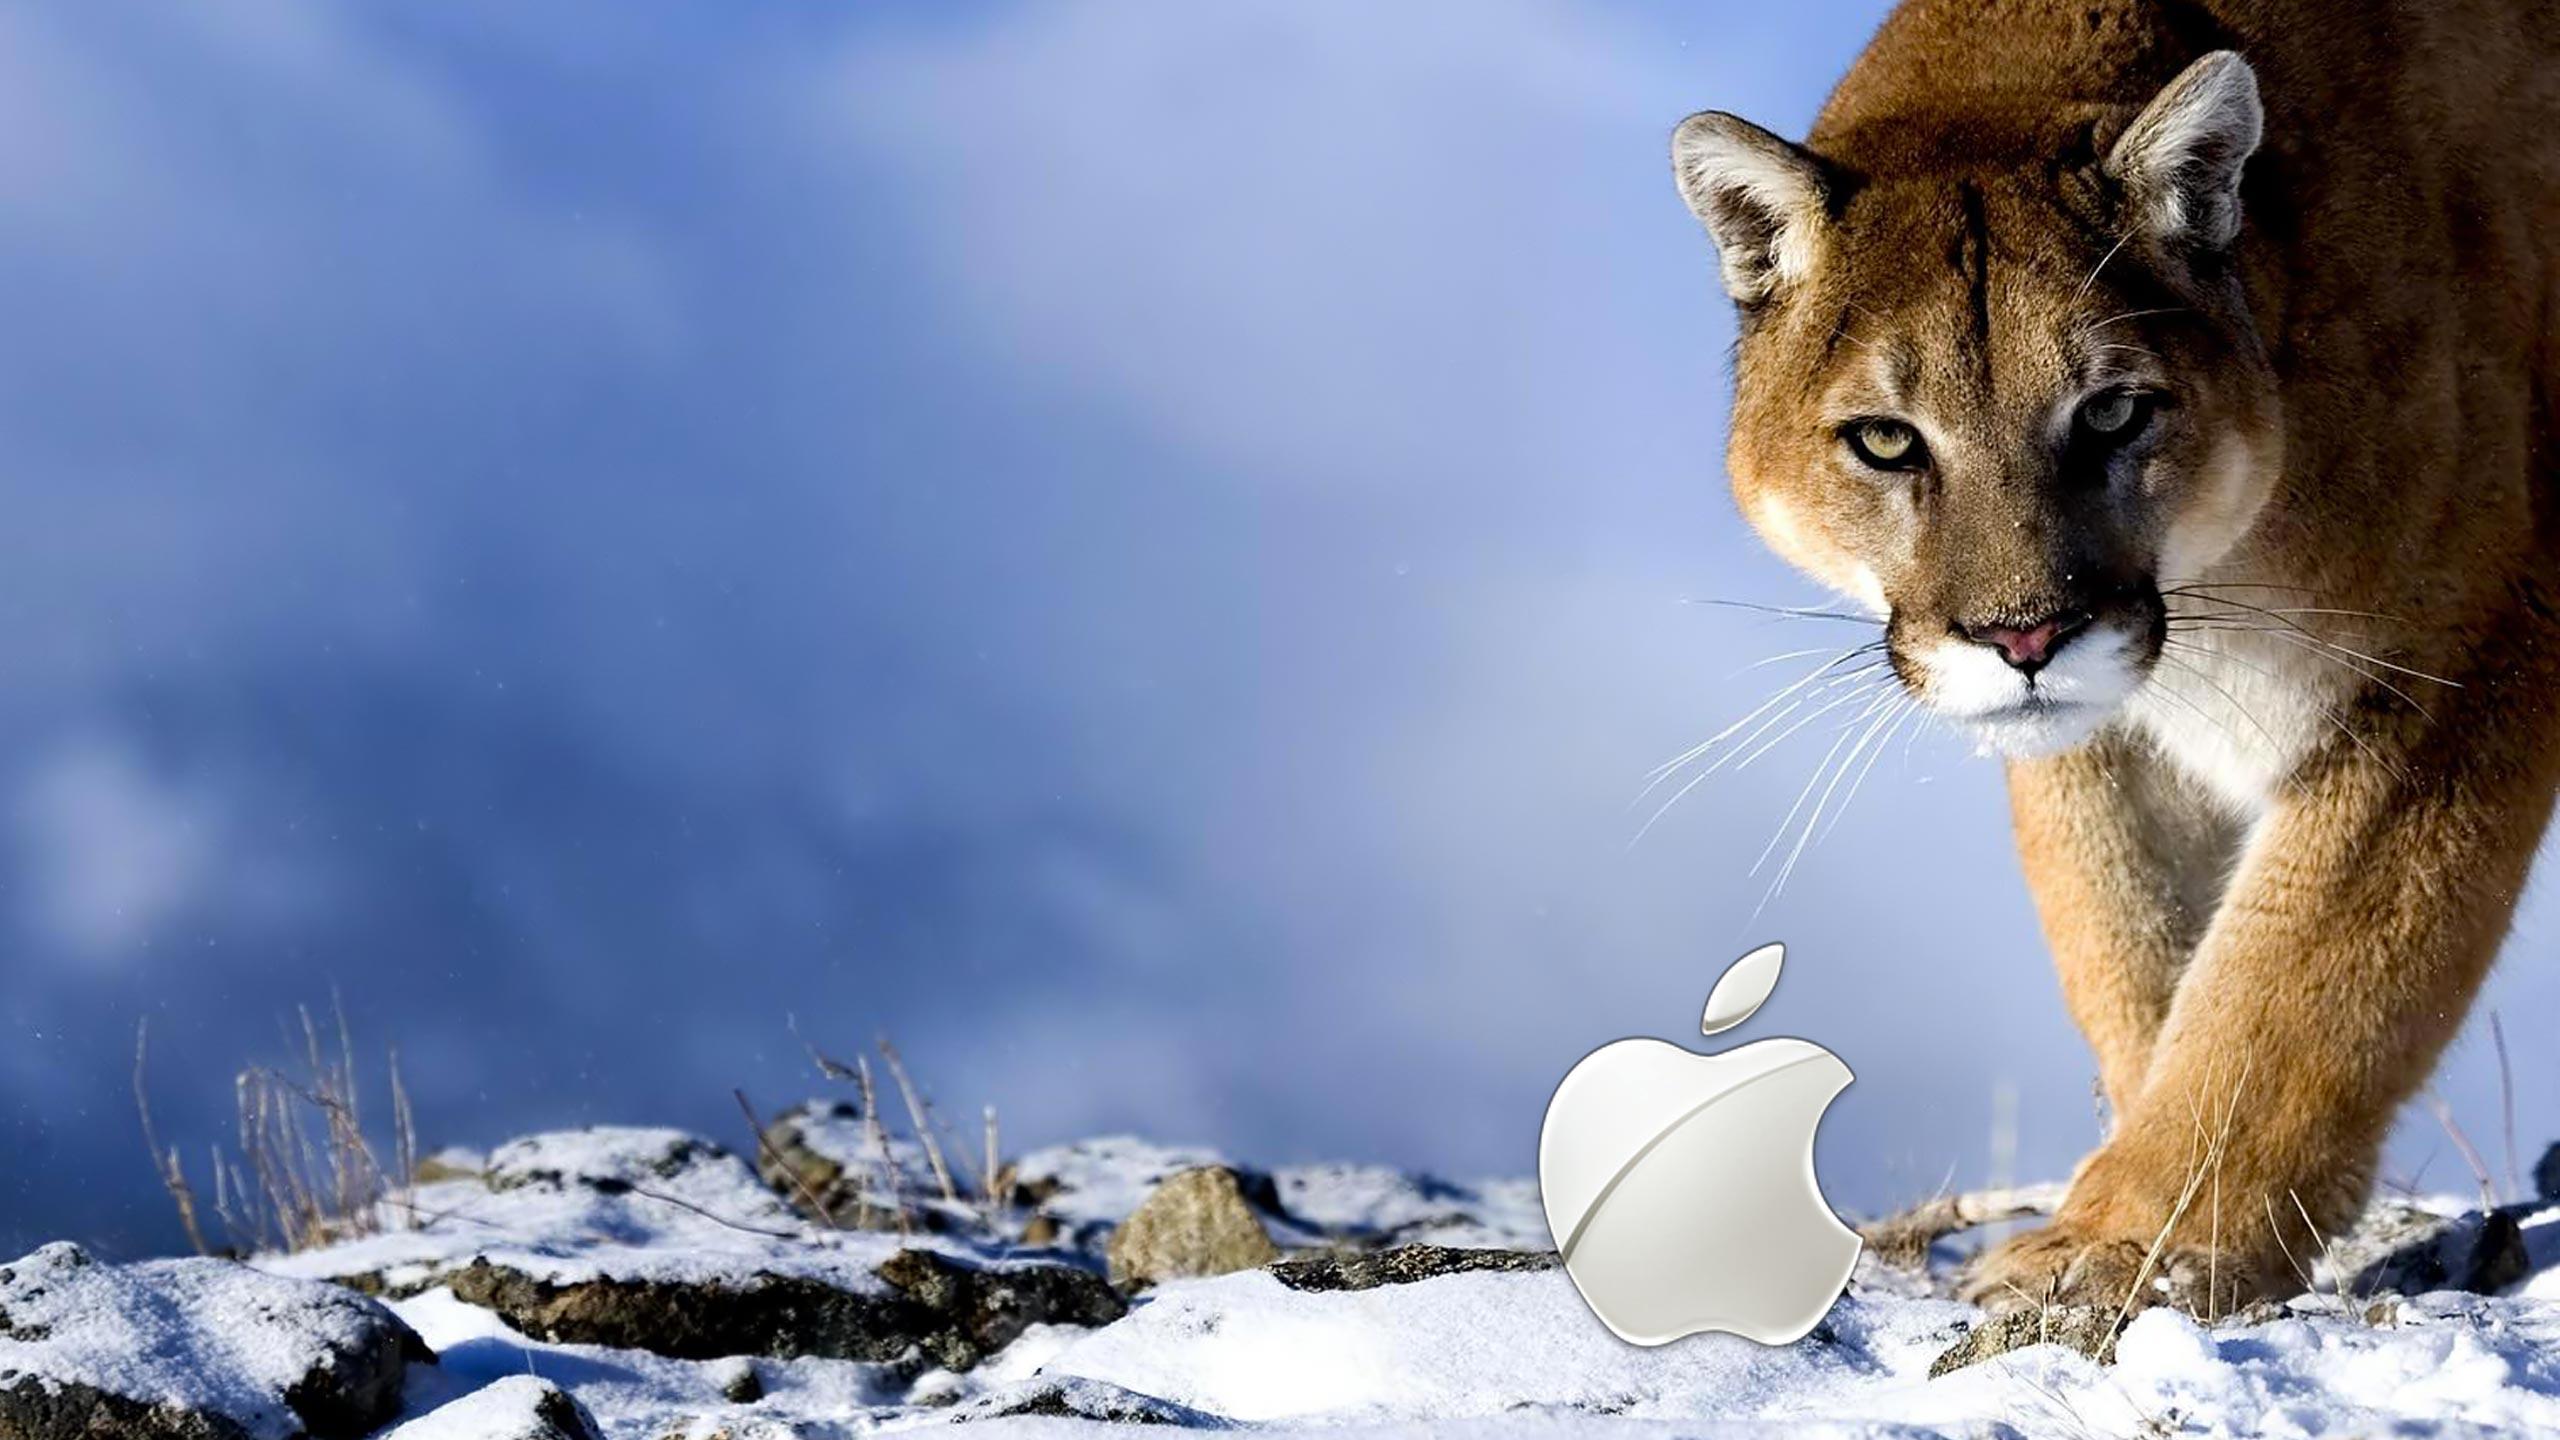 Amazing Wallpaper Mac Snow Leopard - apple-leopard-wallpaper-18  Gallery_28180.jpg